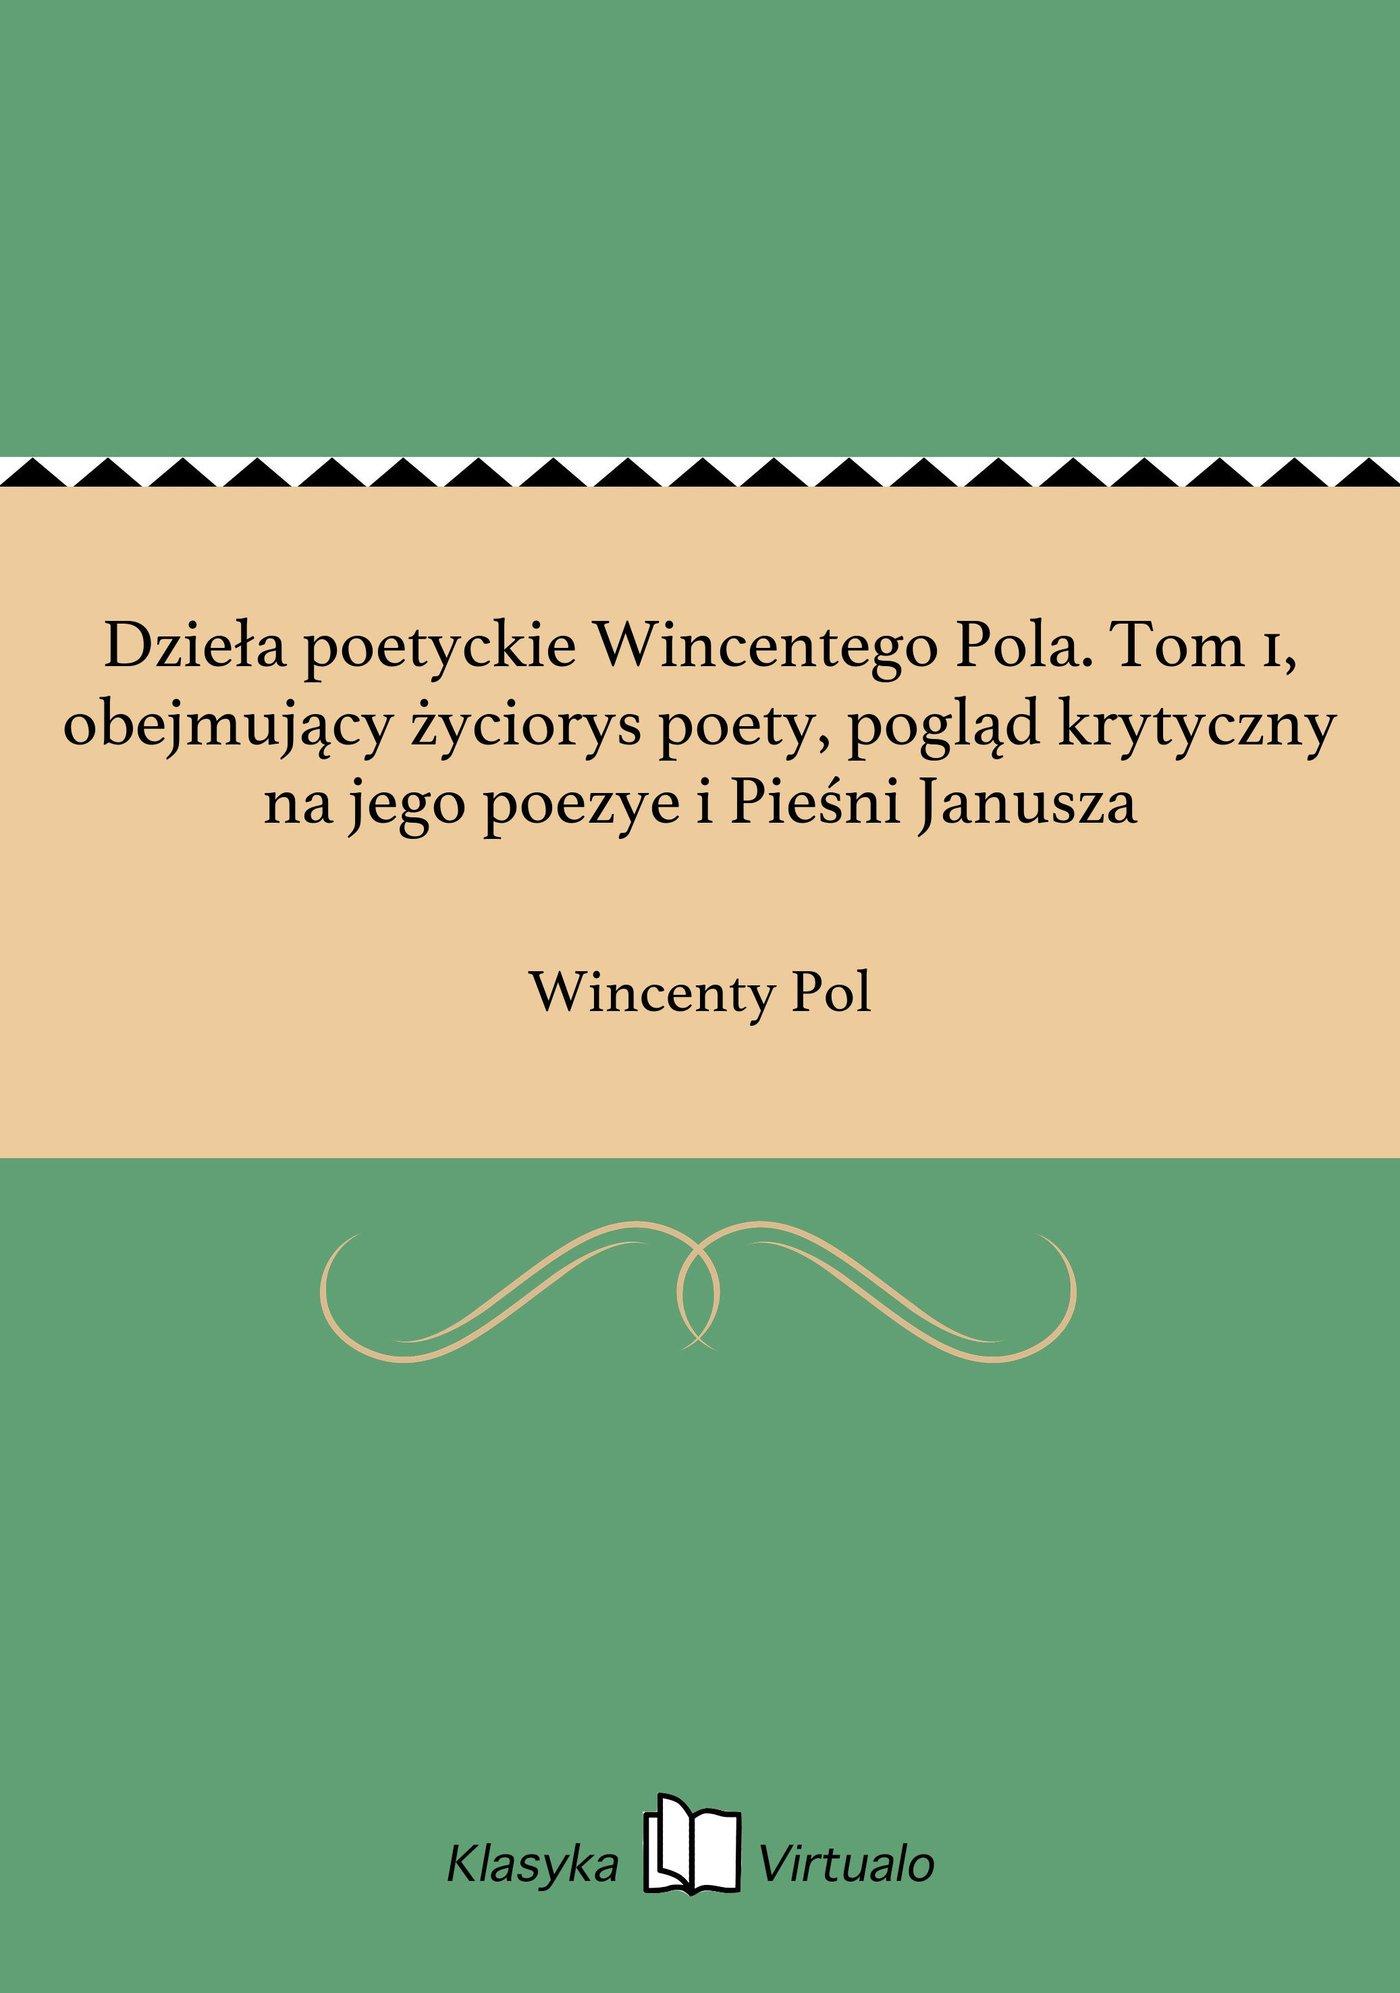 Dzieła poetyckie Wincentego Pola. Tom 1, obejmujący życiorys poety, pogląd krytyczny na jego poezye i Pieśni Janusza - Ebook (Książka na Kindle) do pobrania w formacie MOBI